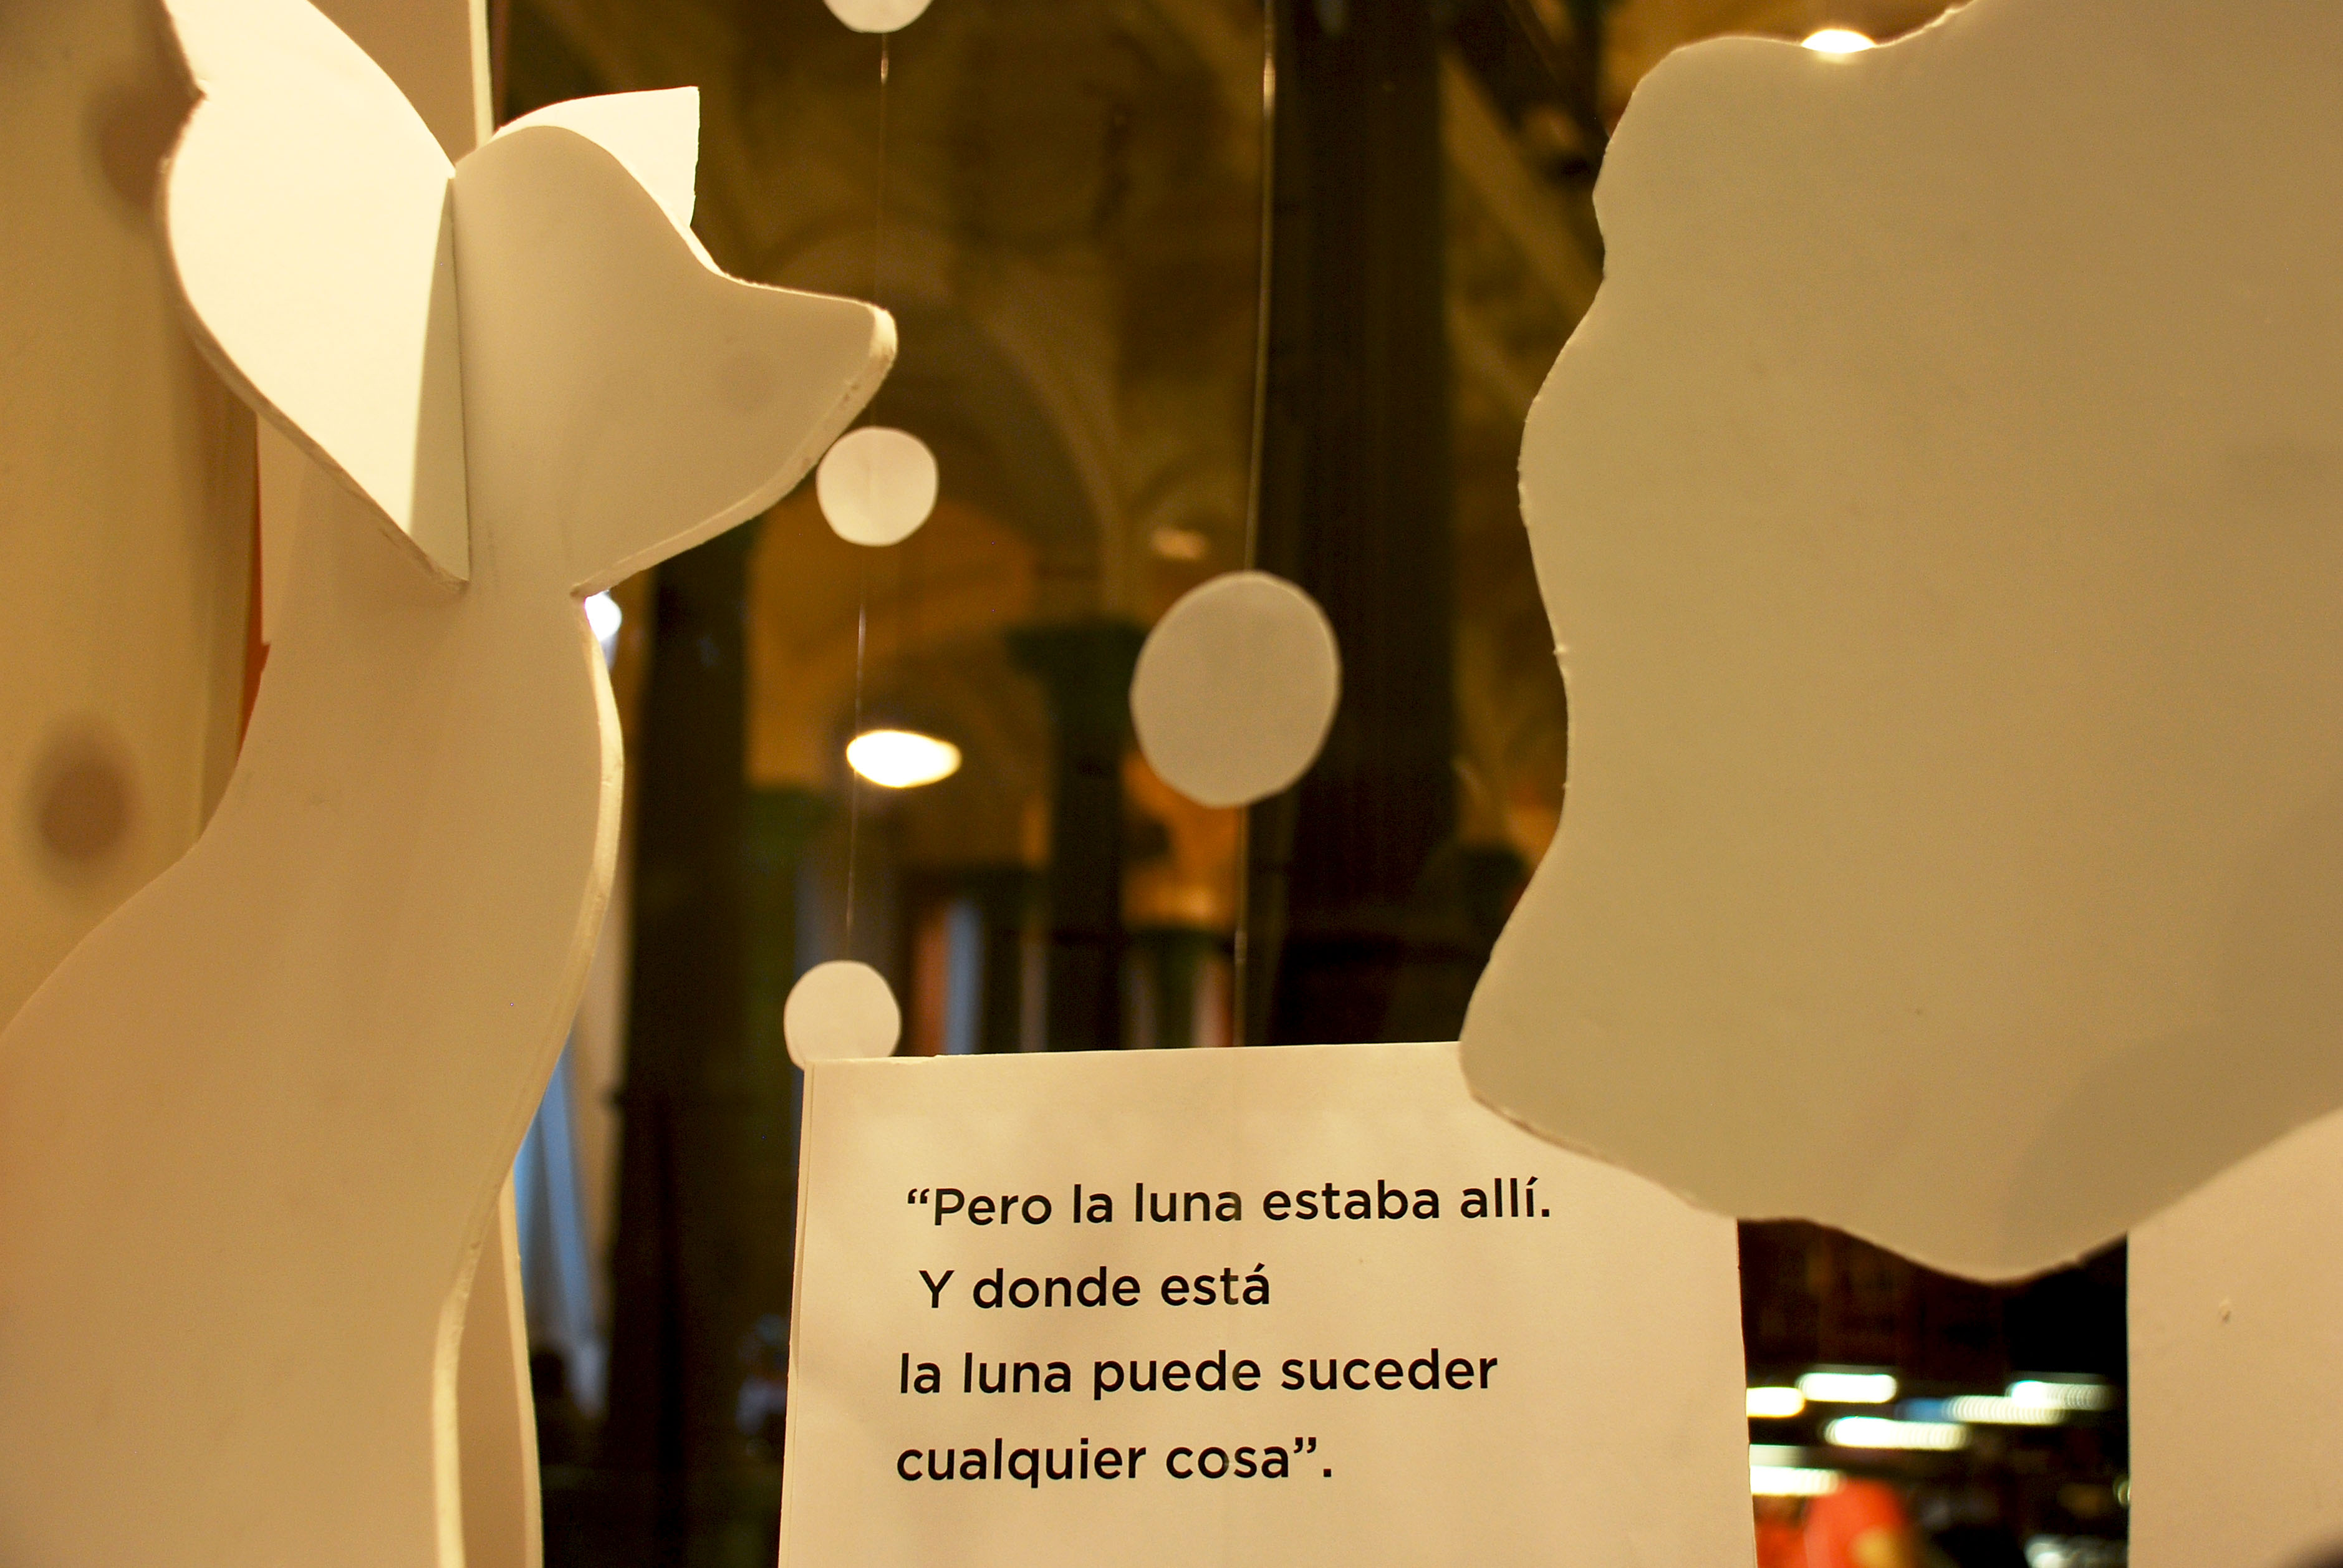 Detalle de la representación de un pasaje del cuento Blanco, de Liliana Bodoc.